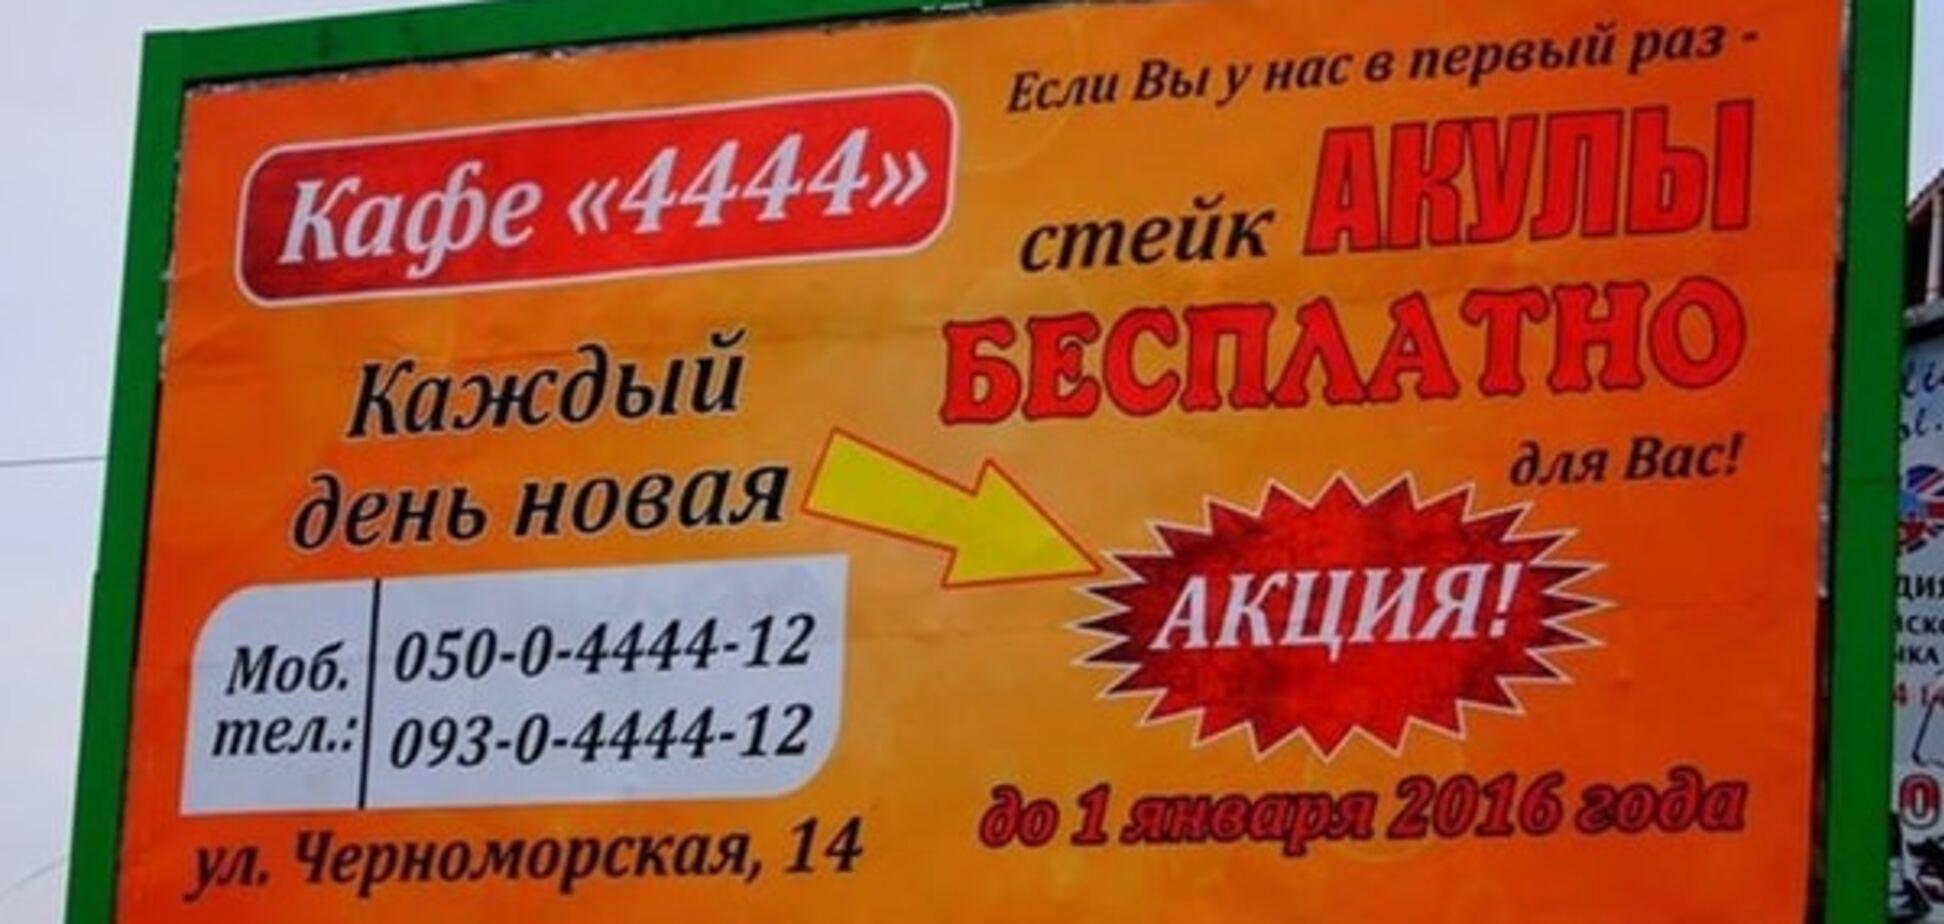 В Луганську, що 'голодує', безкоштовно роздають стейк з акули: фотофакт